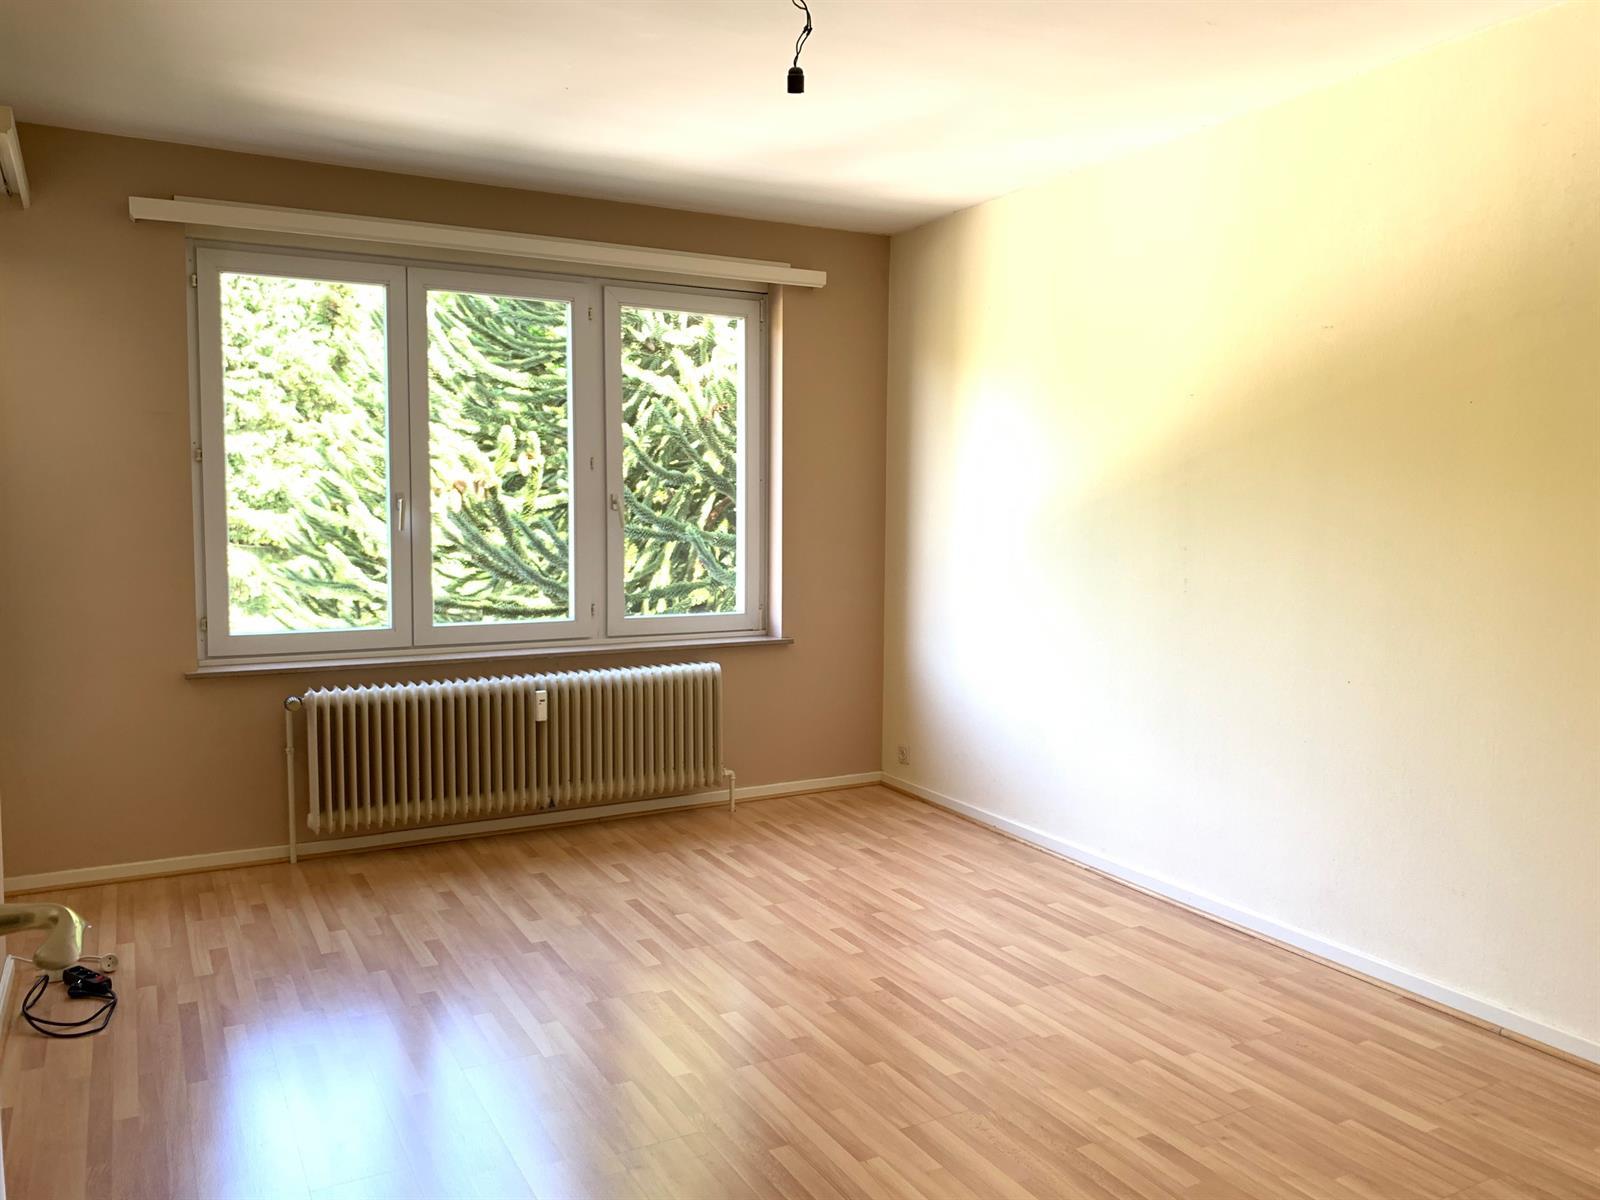 Appartement - Rhode-Saint-Genèse - #4028004-45